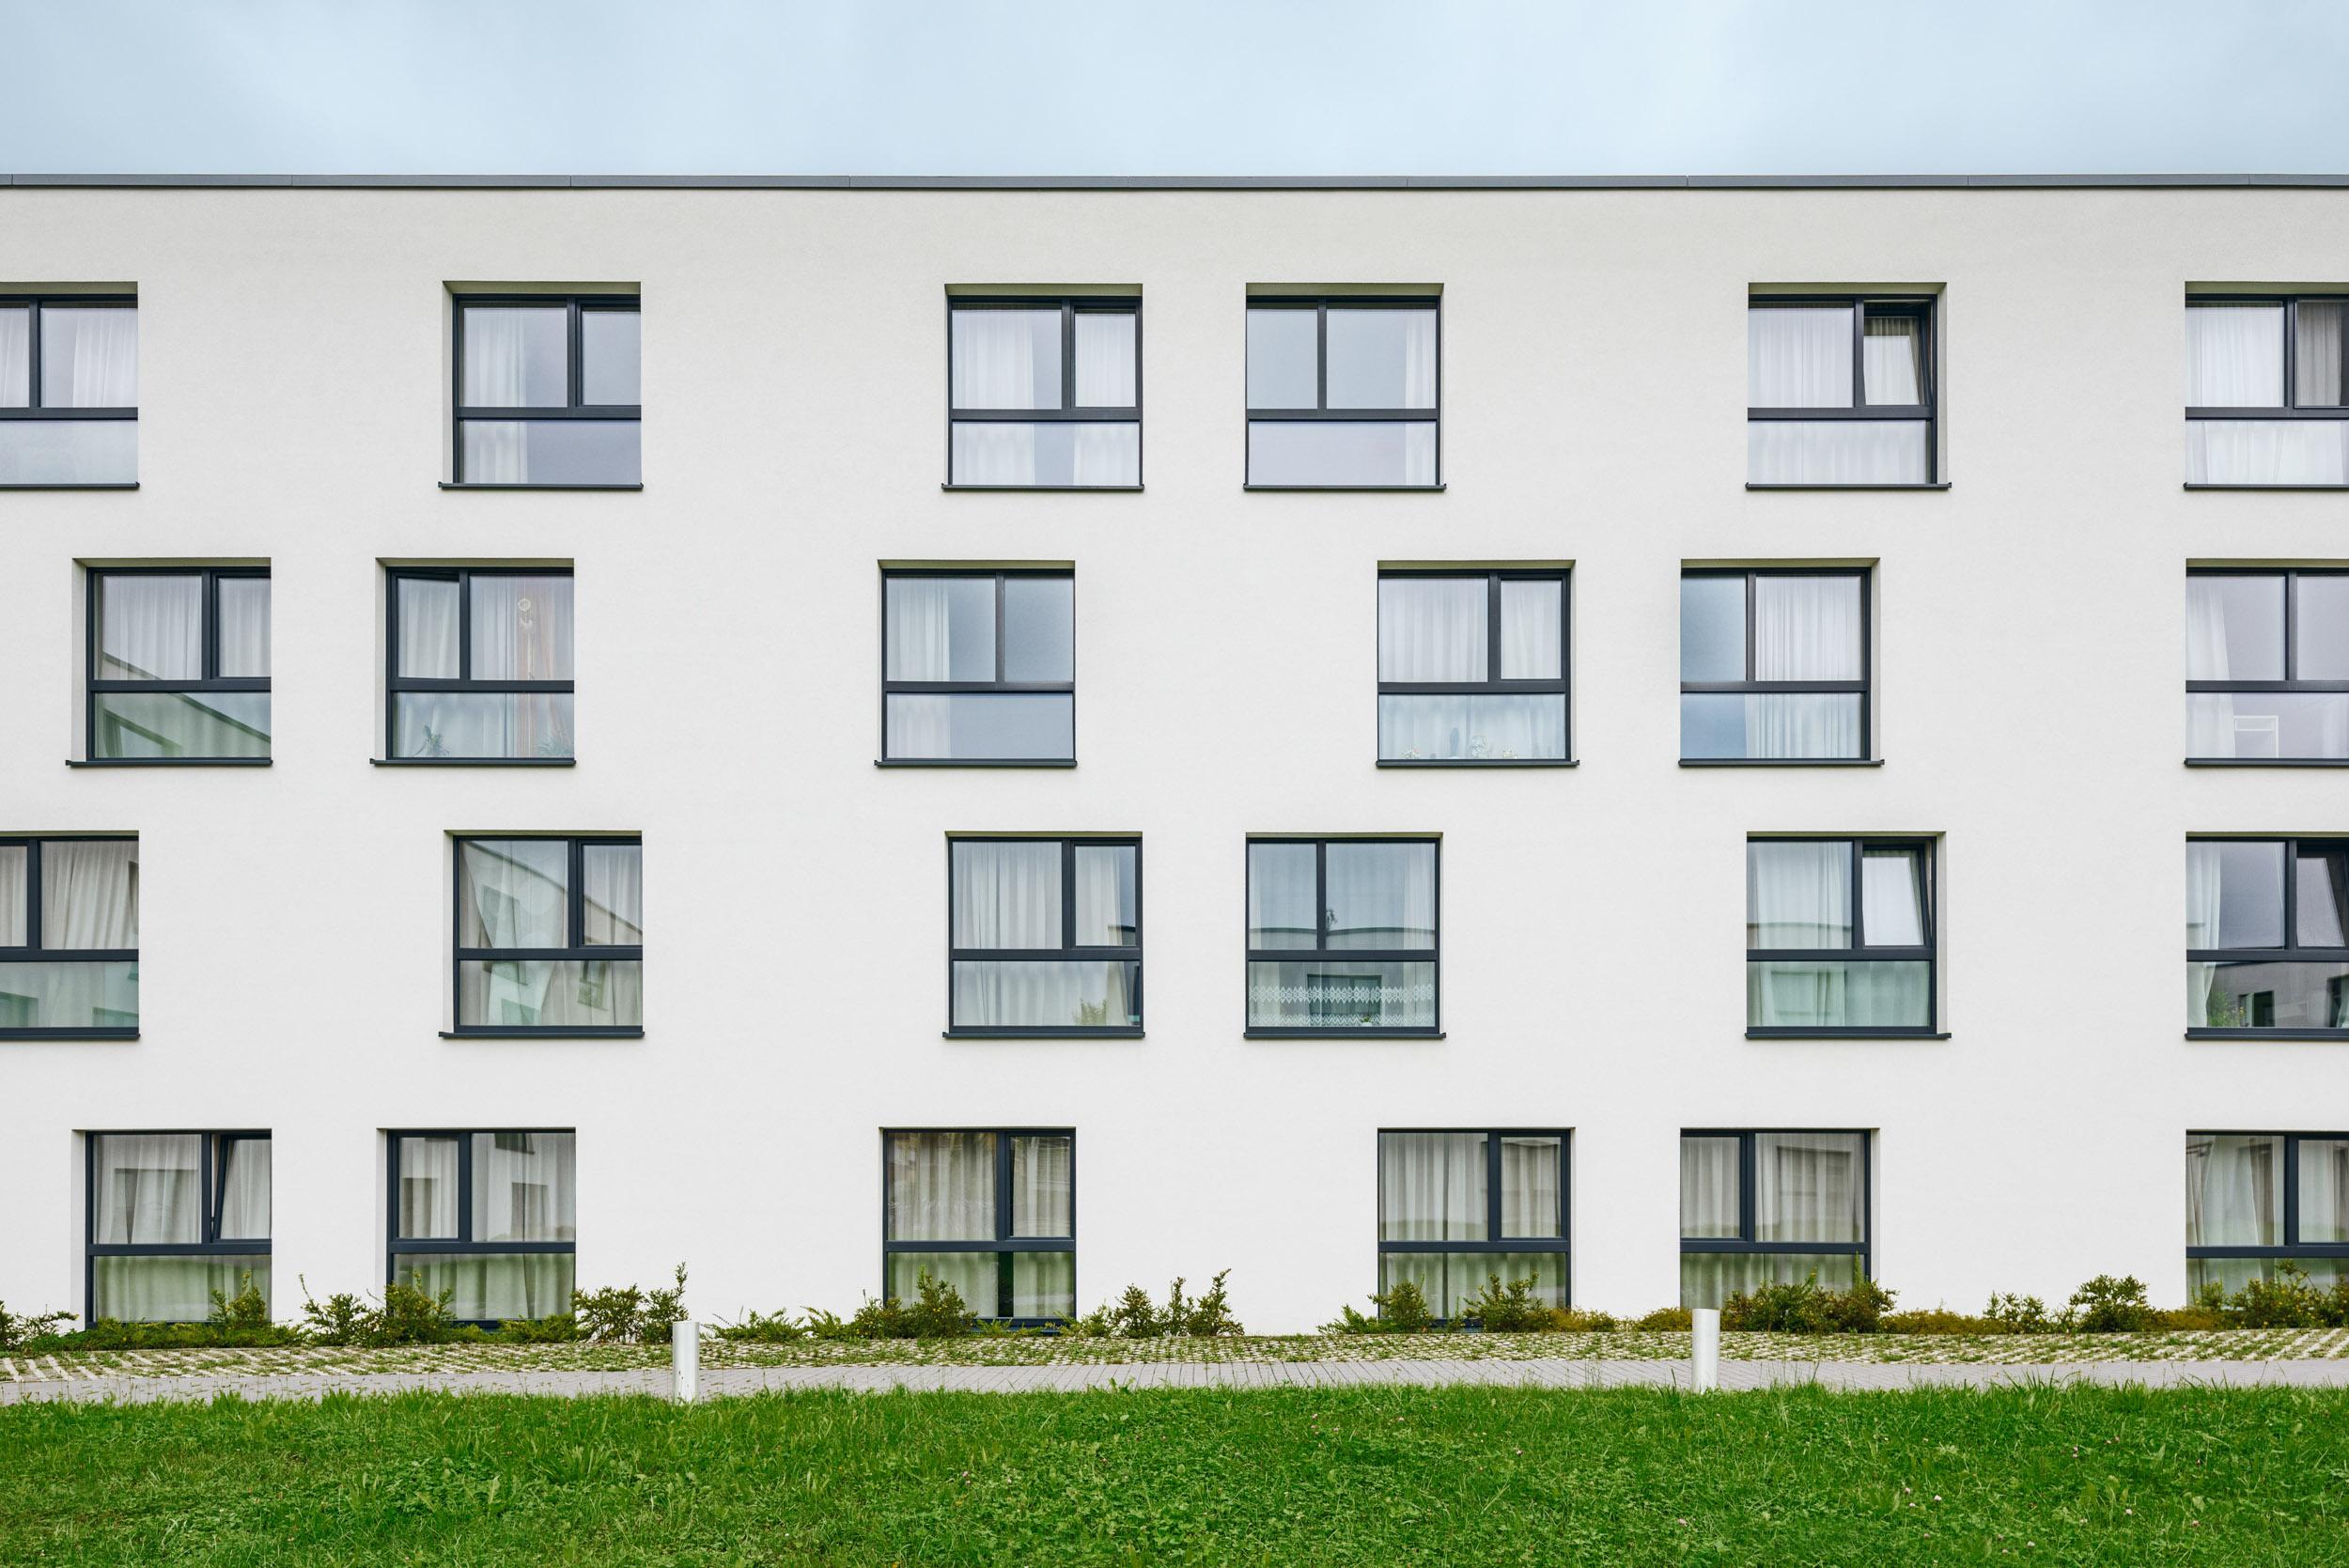 Gustav-Epple-Bauunternehmung-bayreuth-studentenwohnheim-youniq-Bayreuth_MLX5596#00